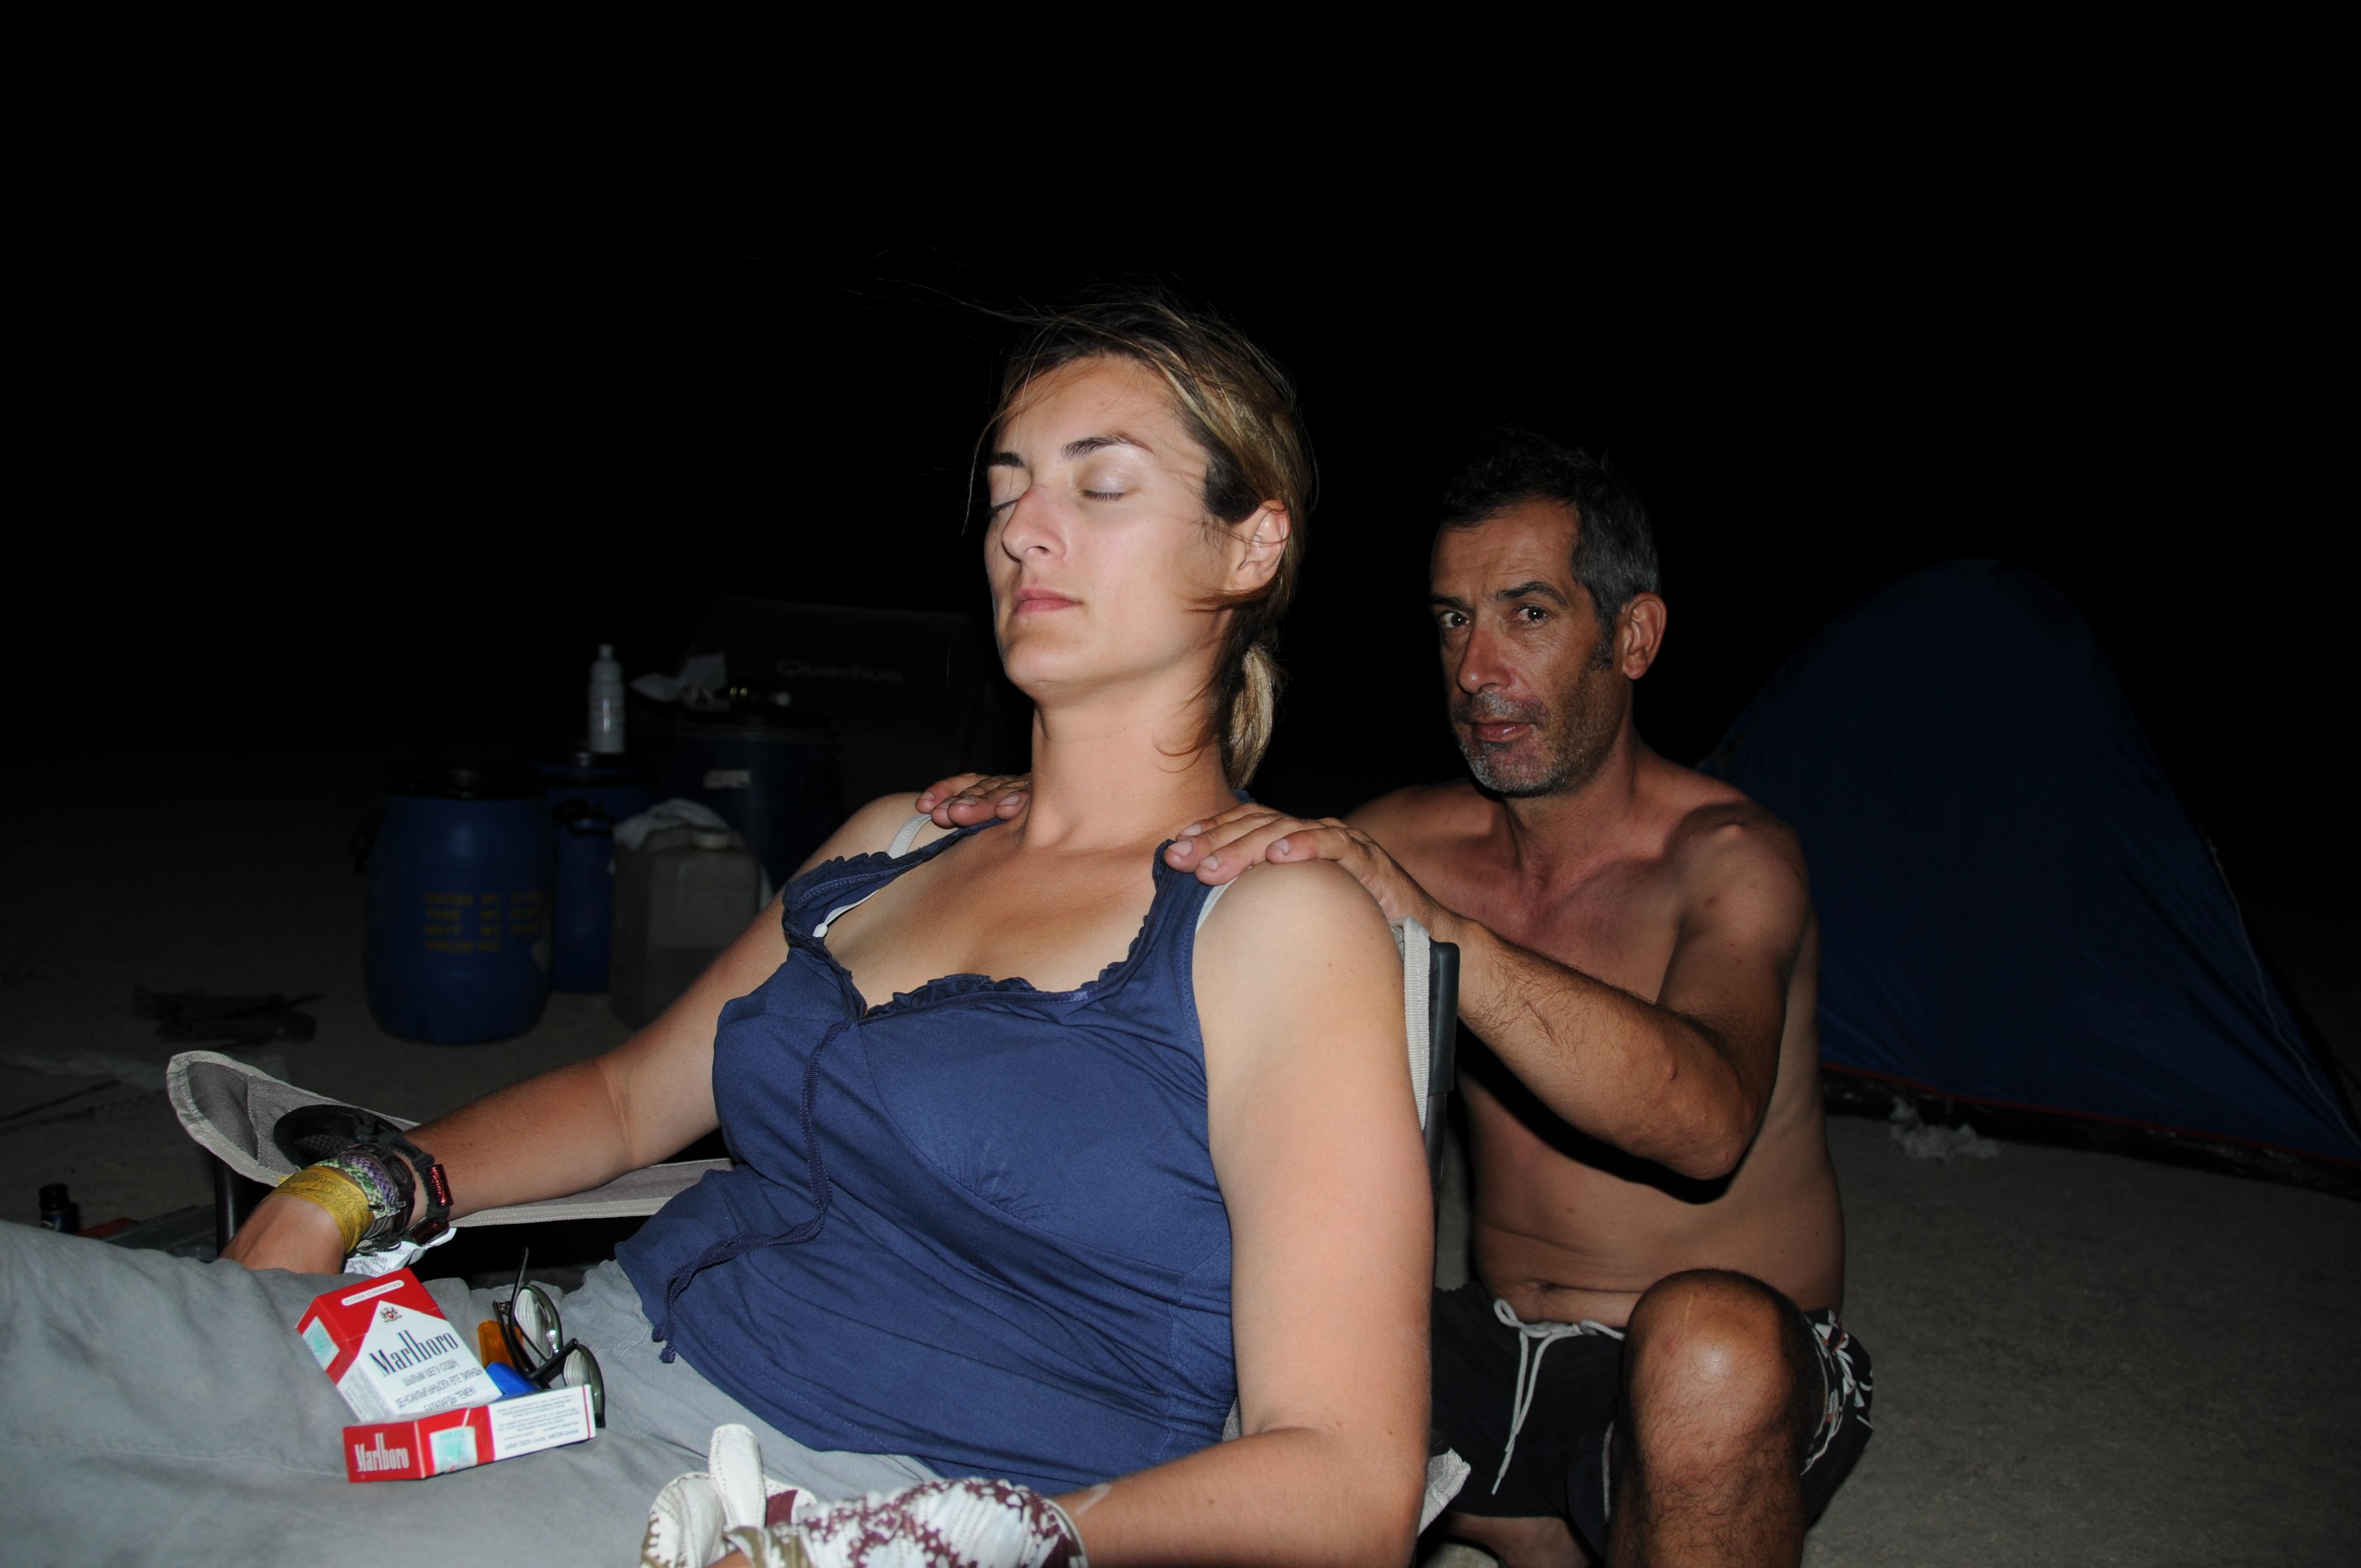 ... y acampada, con masaje incluido!